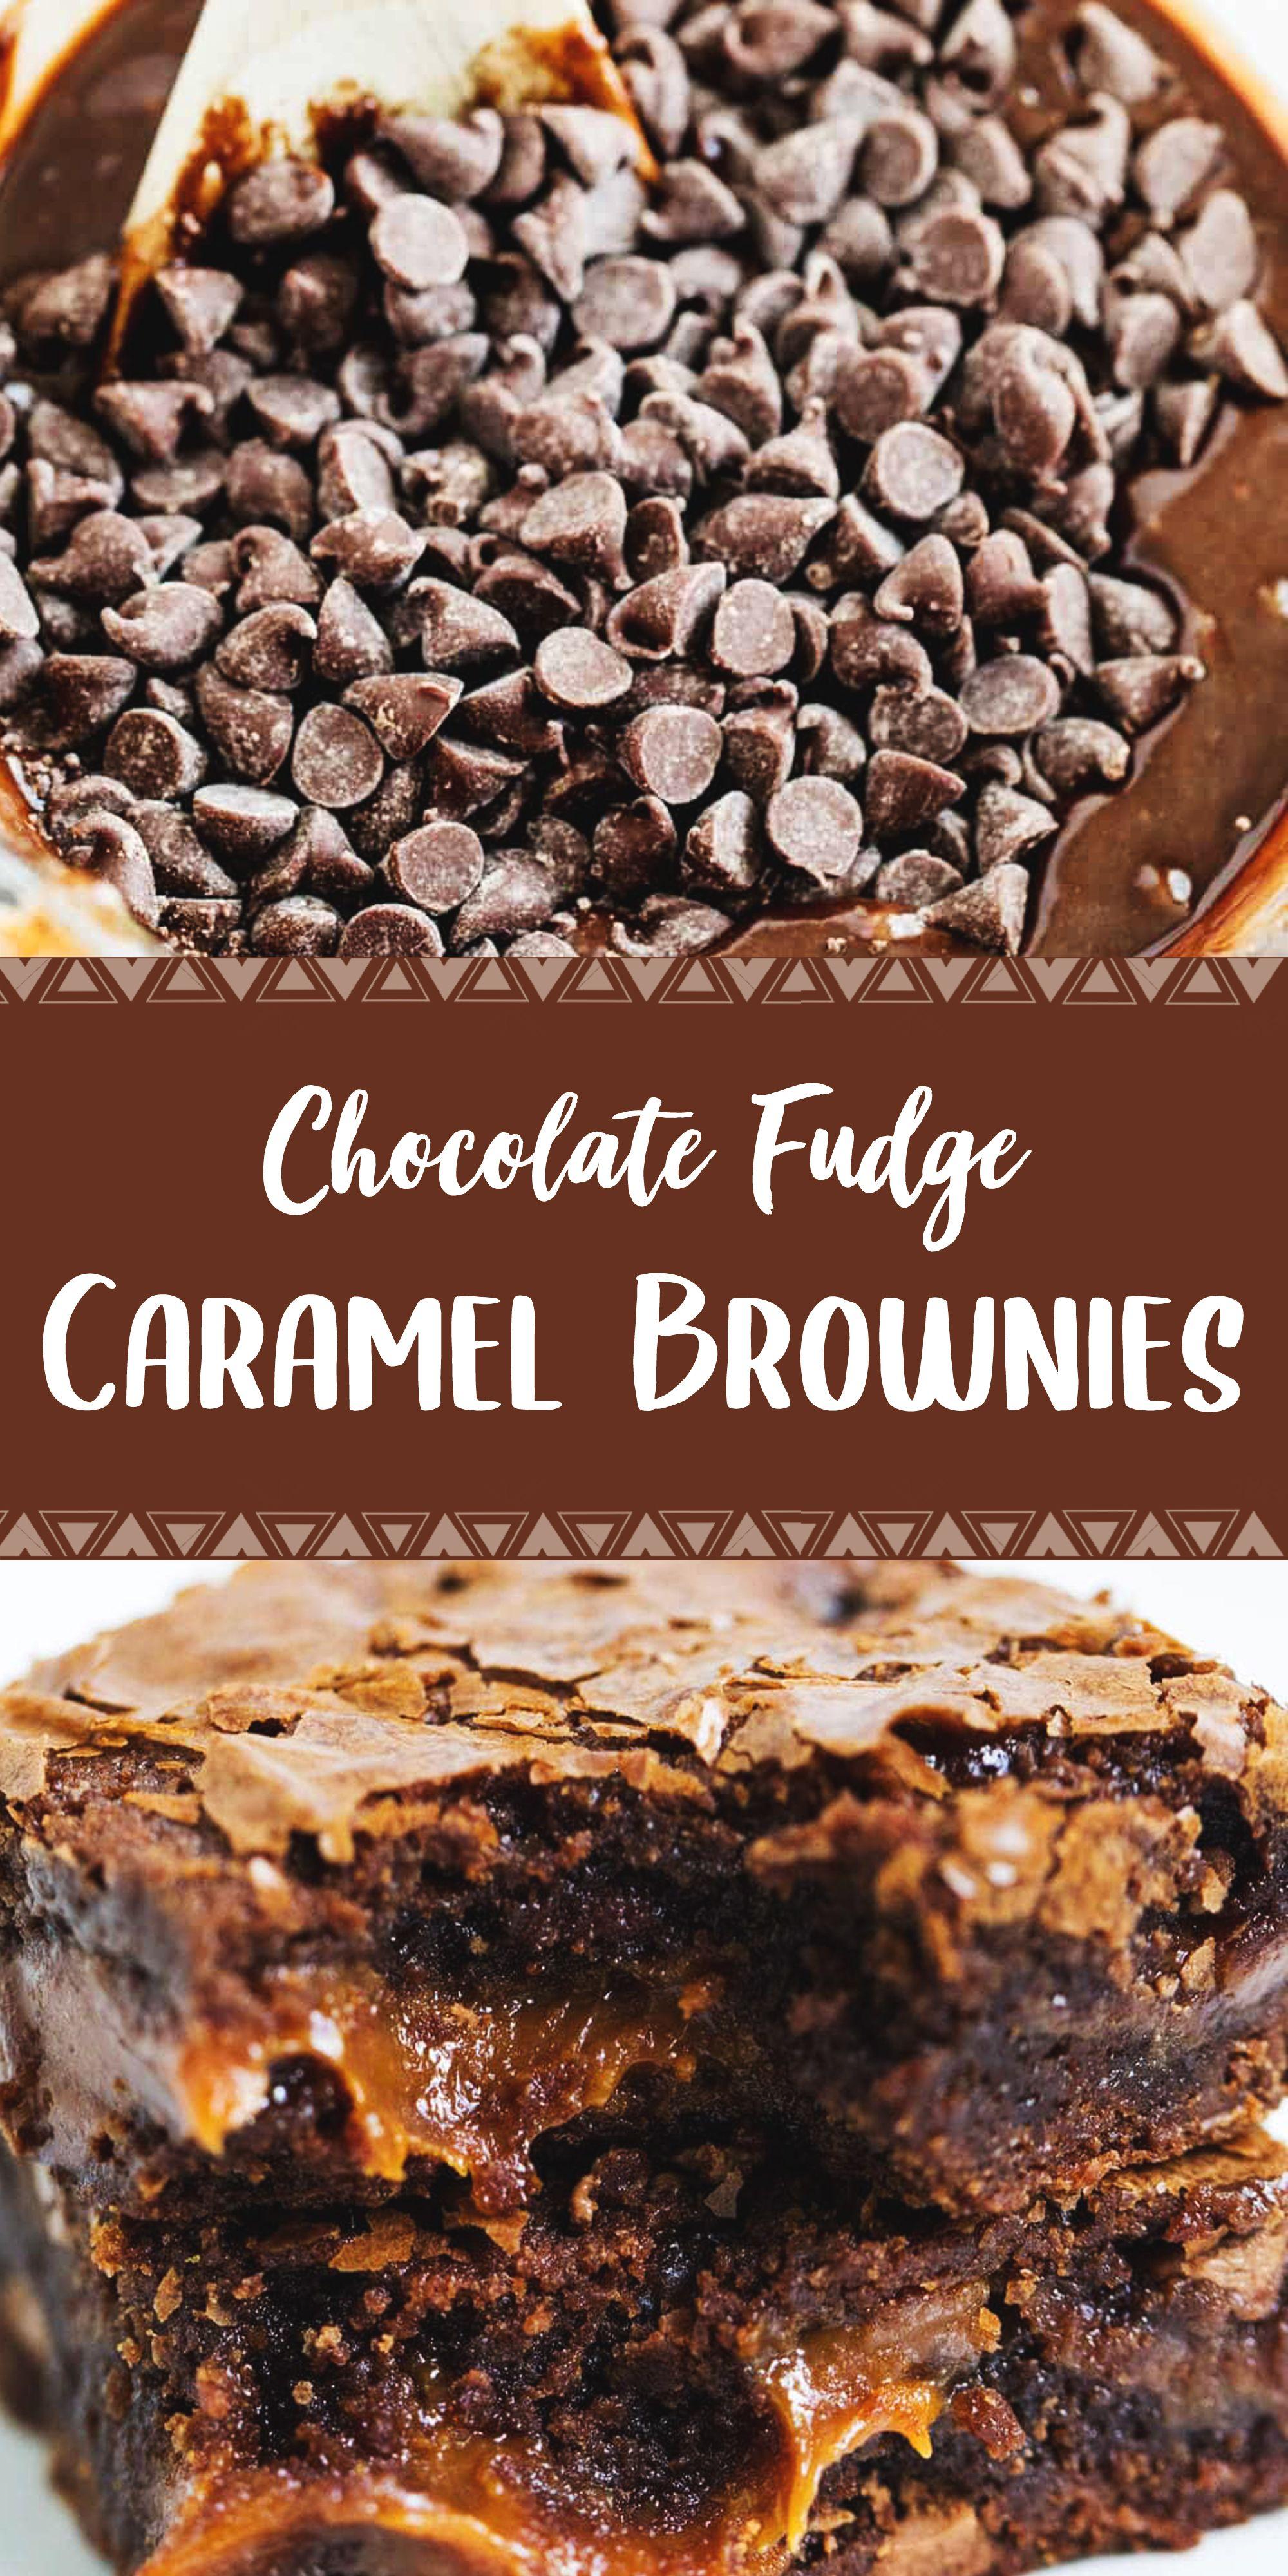 Chocolate Fudge Caramel Brownies Caramel Brownies Brownie Mix Recipes Chocolate Fudge